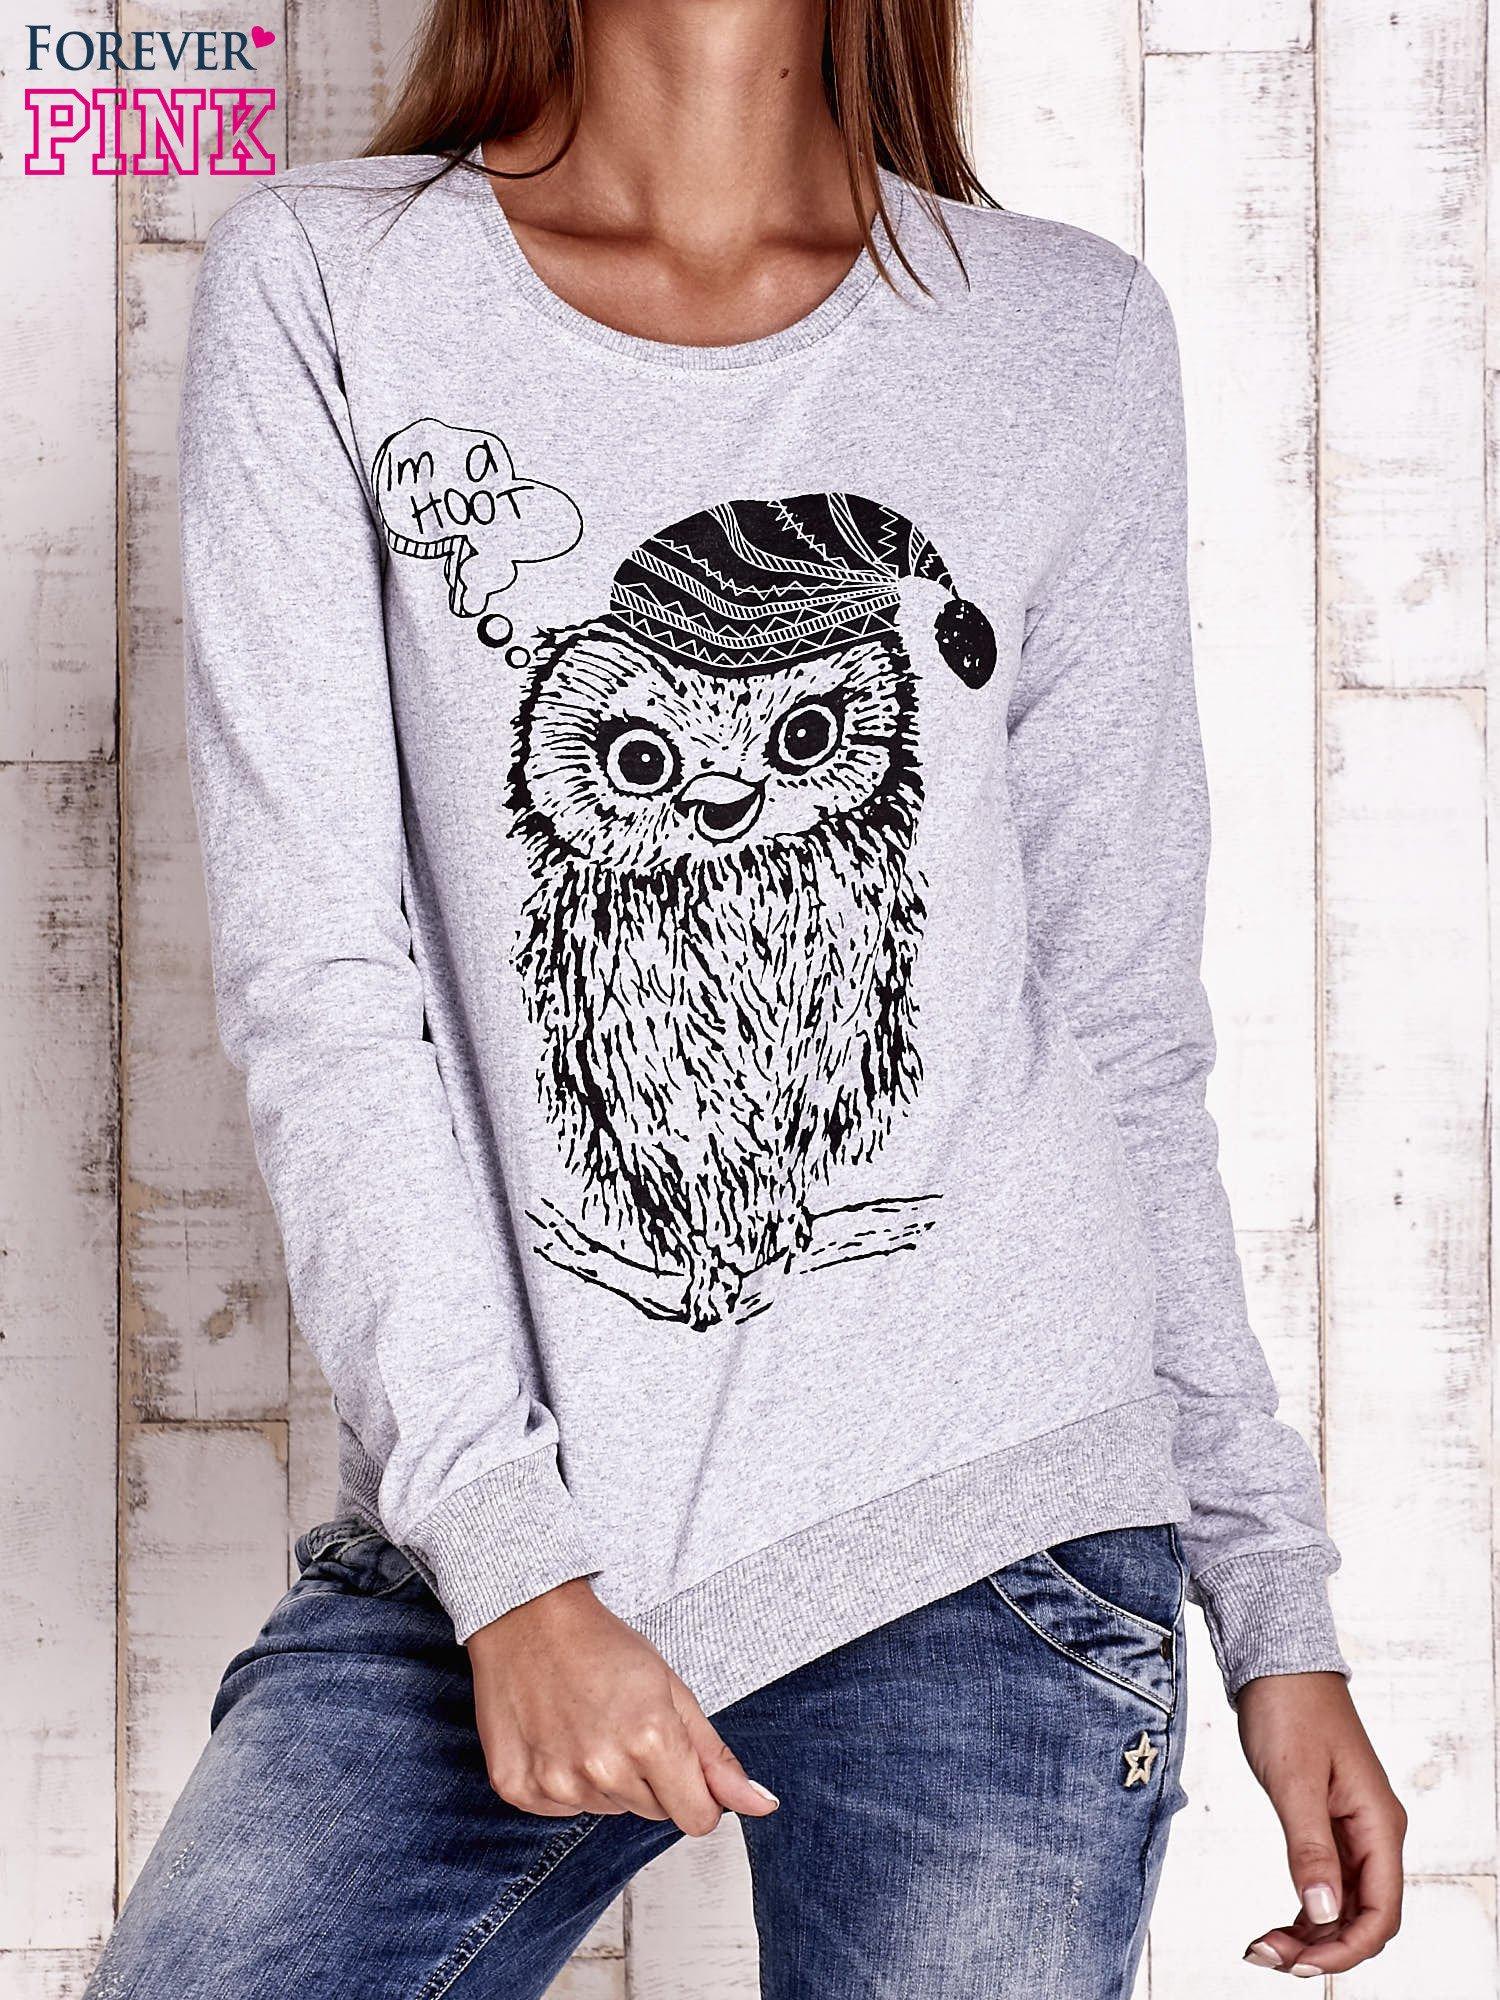 Szara bluza ze zwierzęcym nadrukiem                                  zdj.                                  1